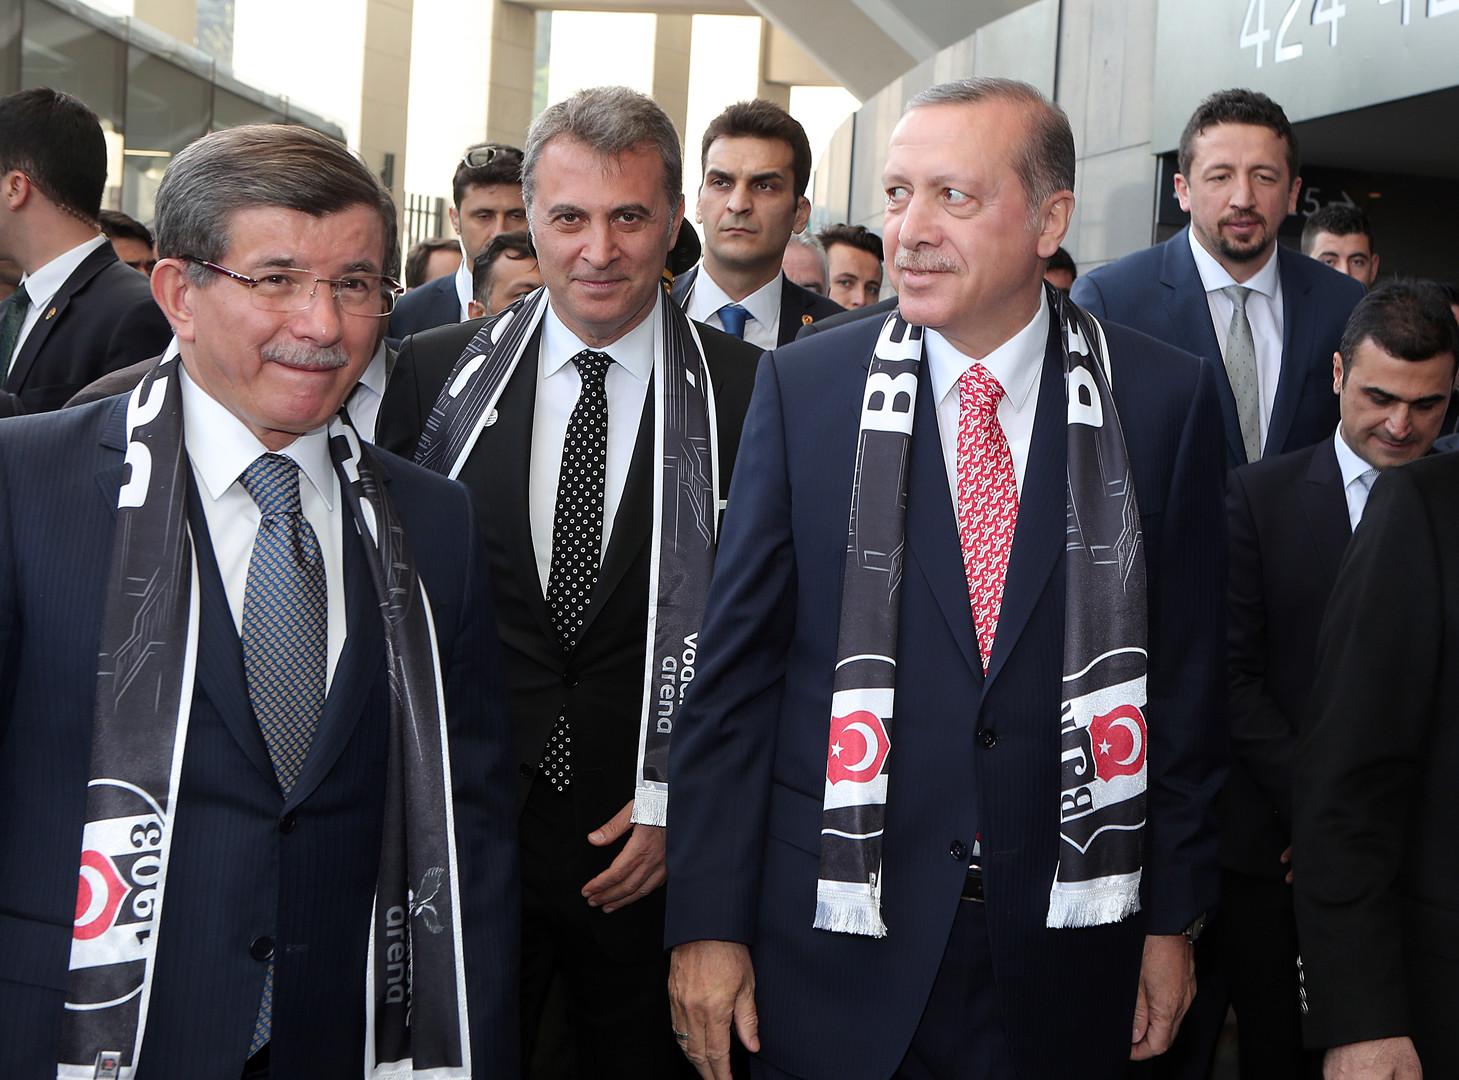 متمرد في الحزب الحاكم: داود أوغلو يتحدى أردوغان